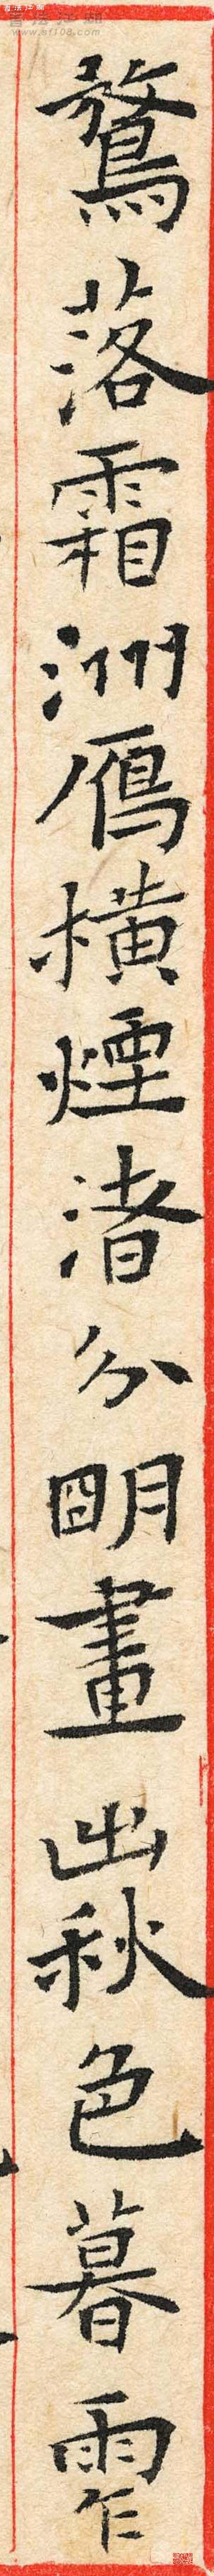 柳七词1.jpg